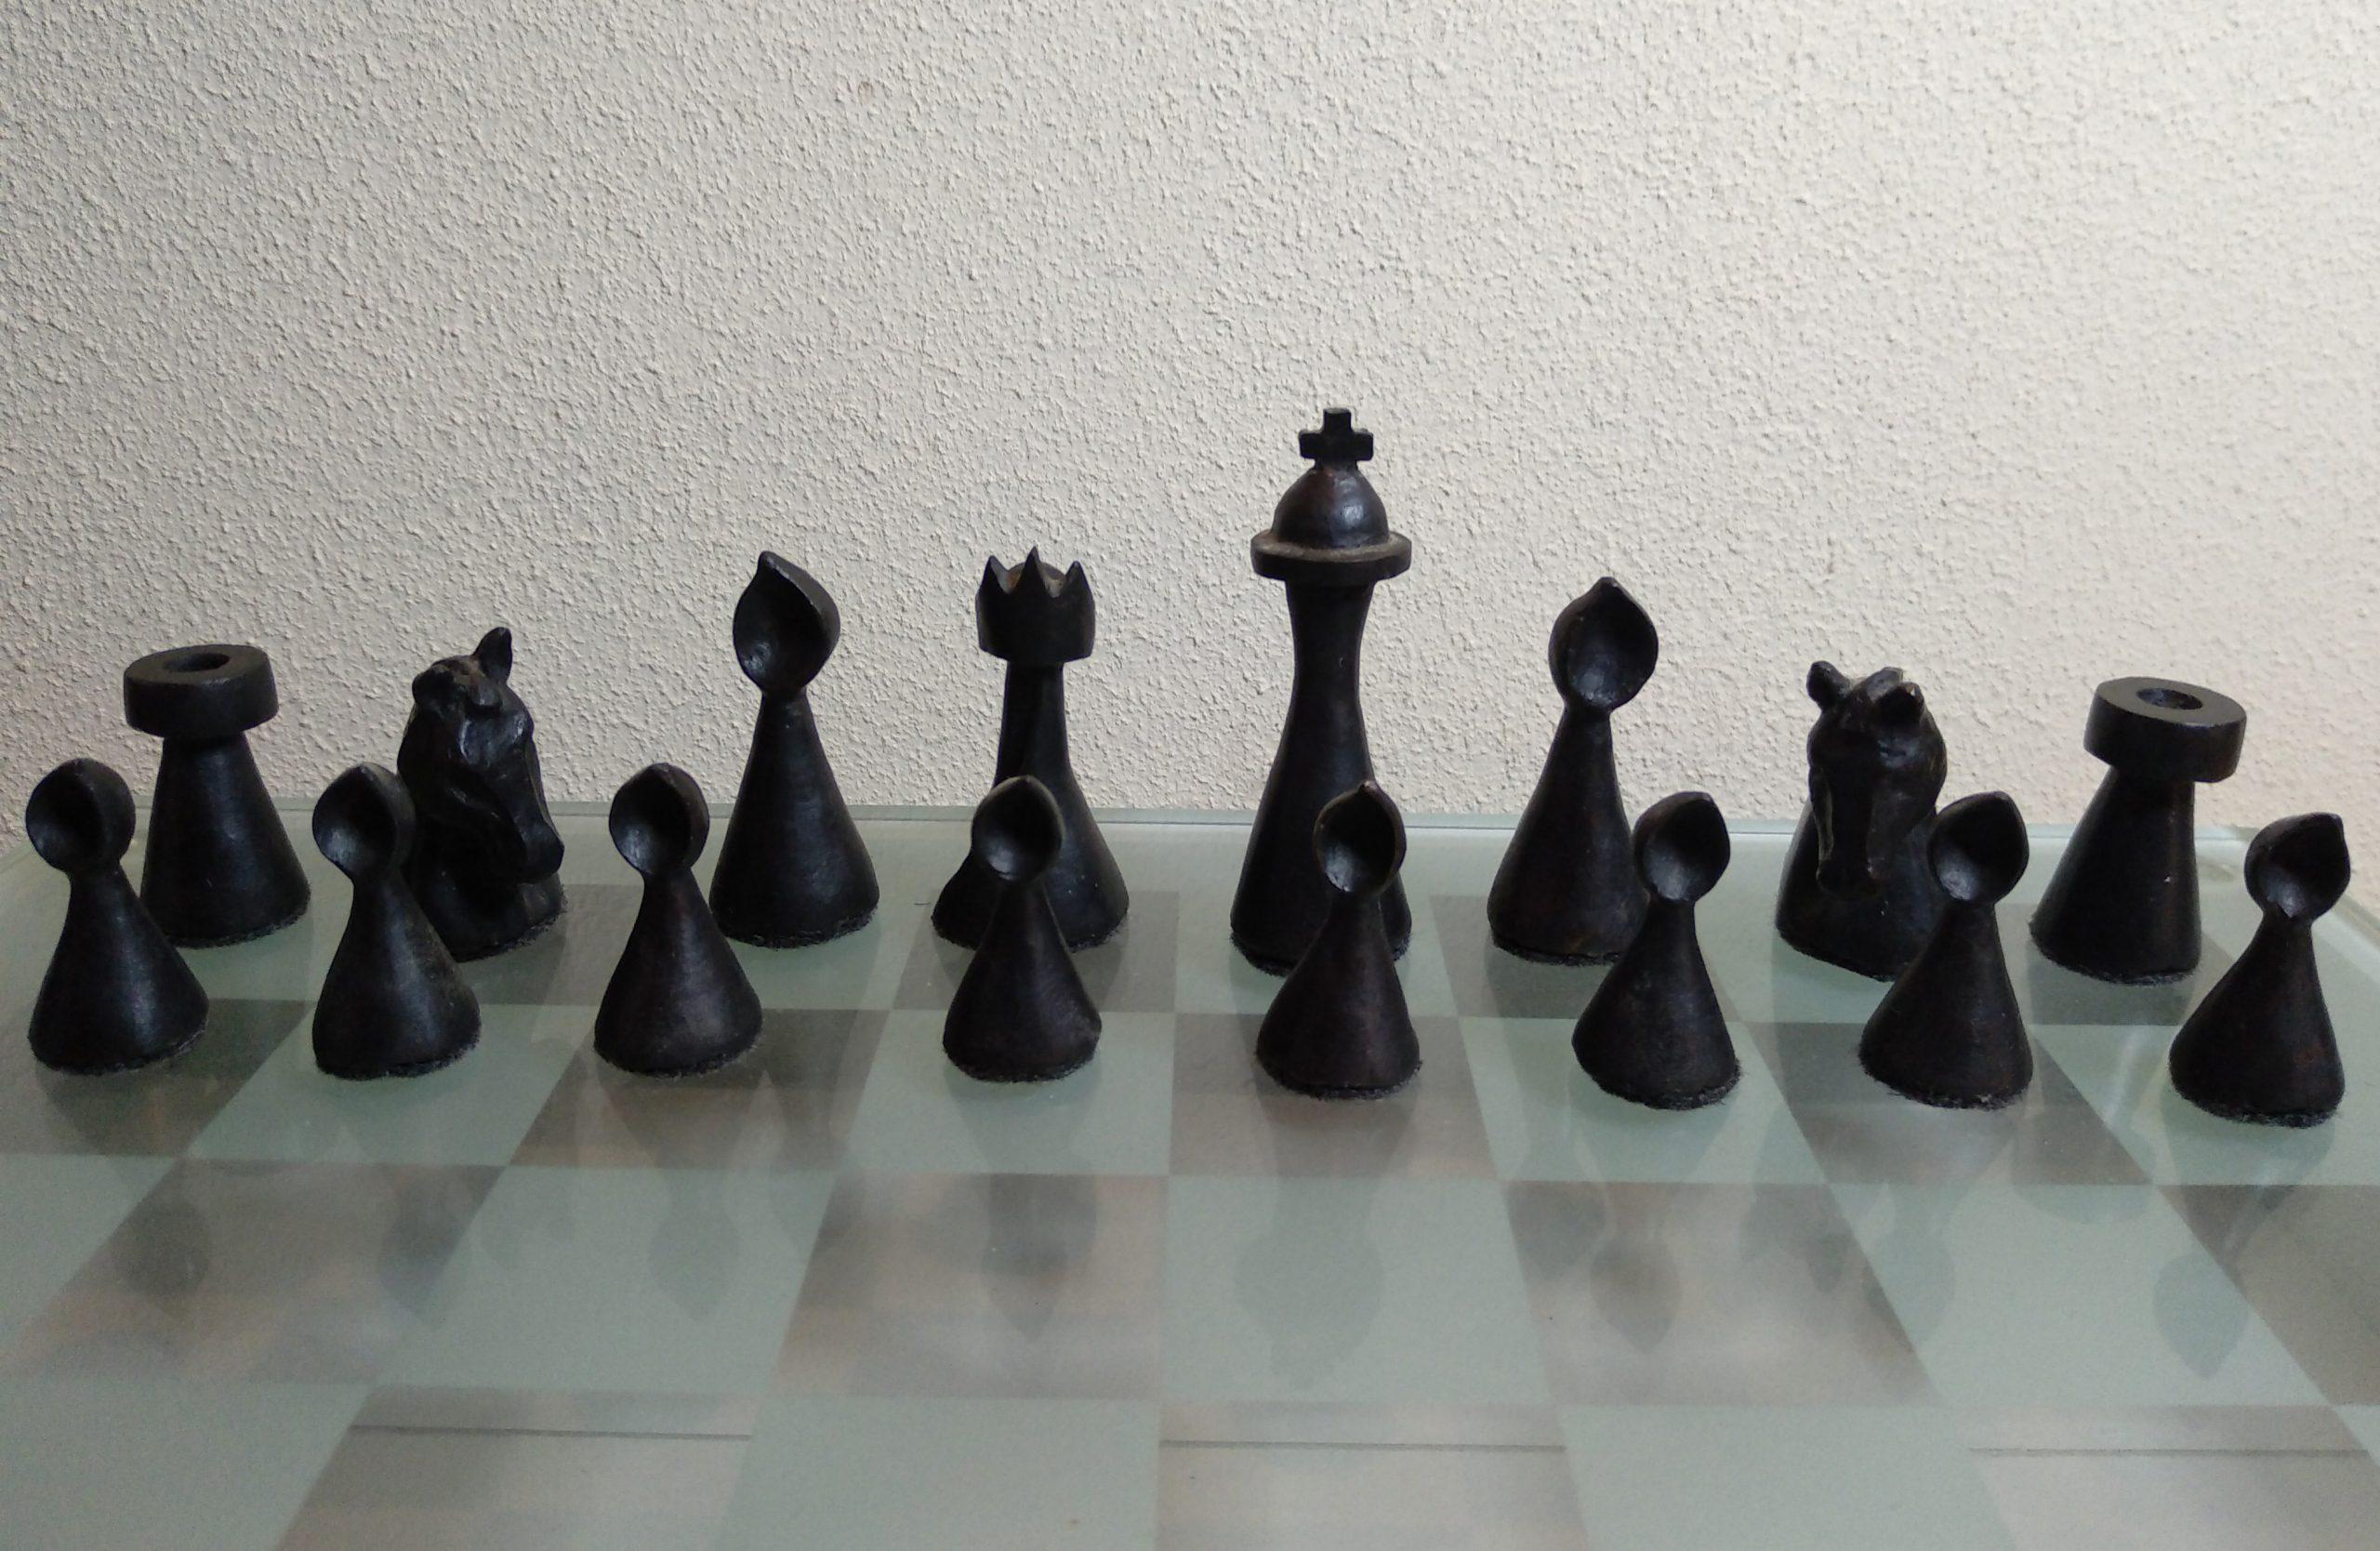 schaakspel2